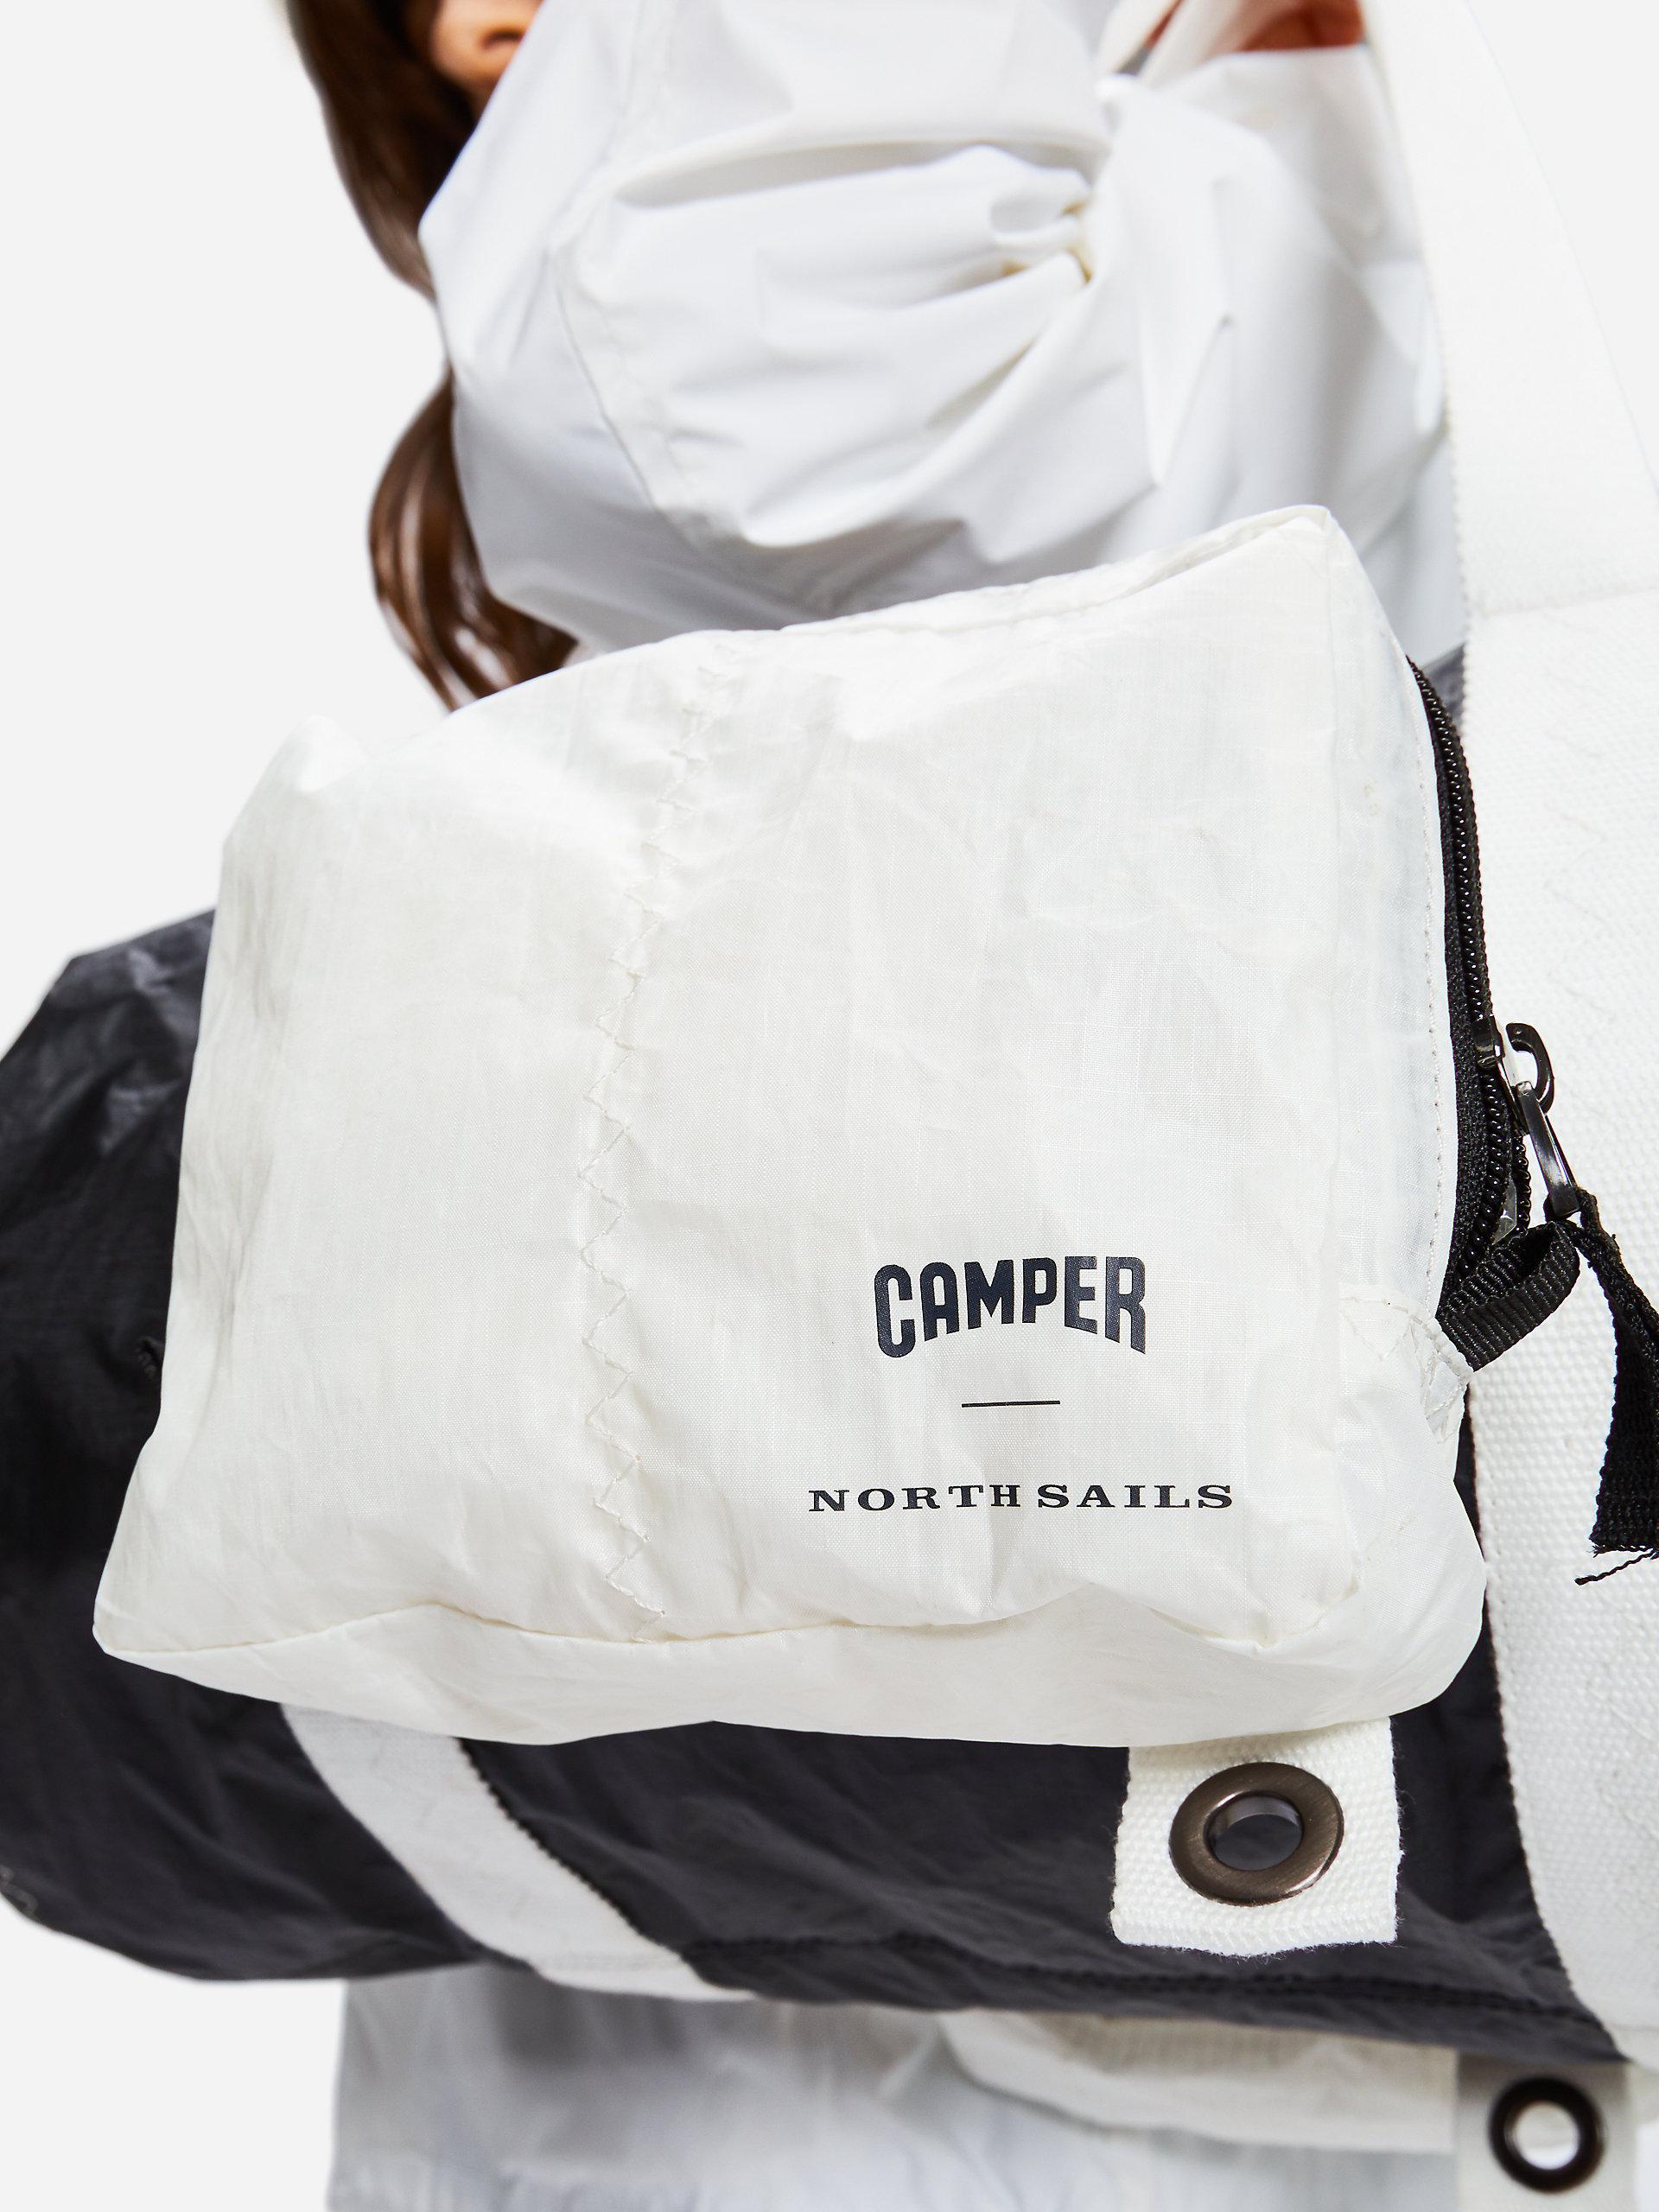 North Sails x Camper